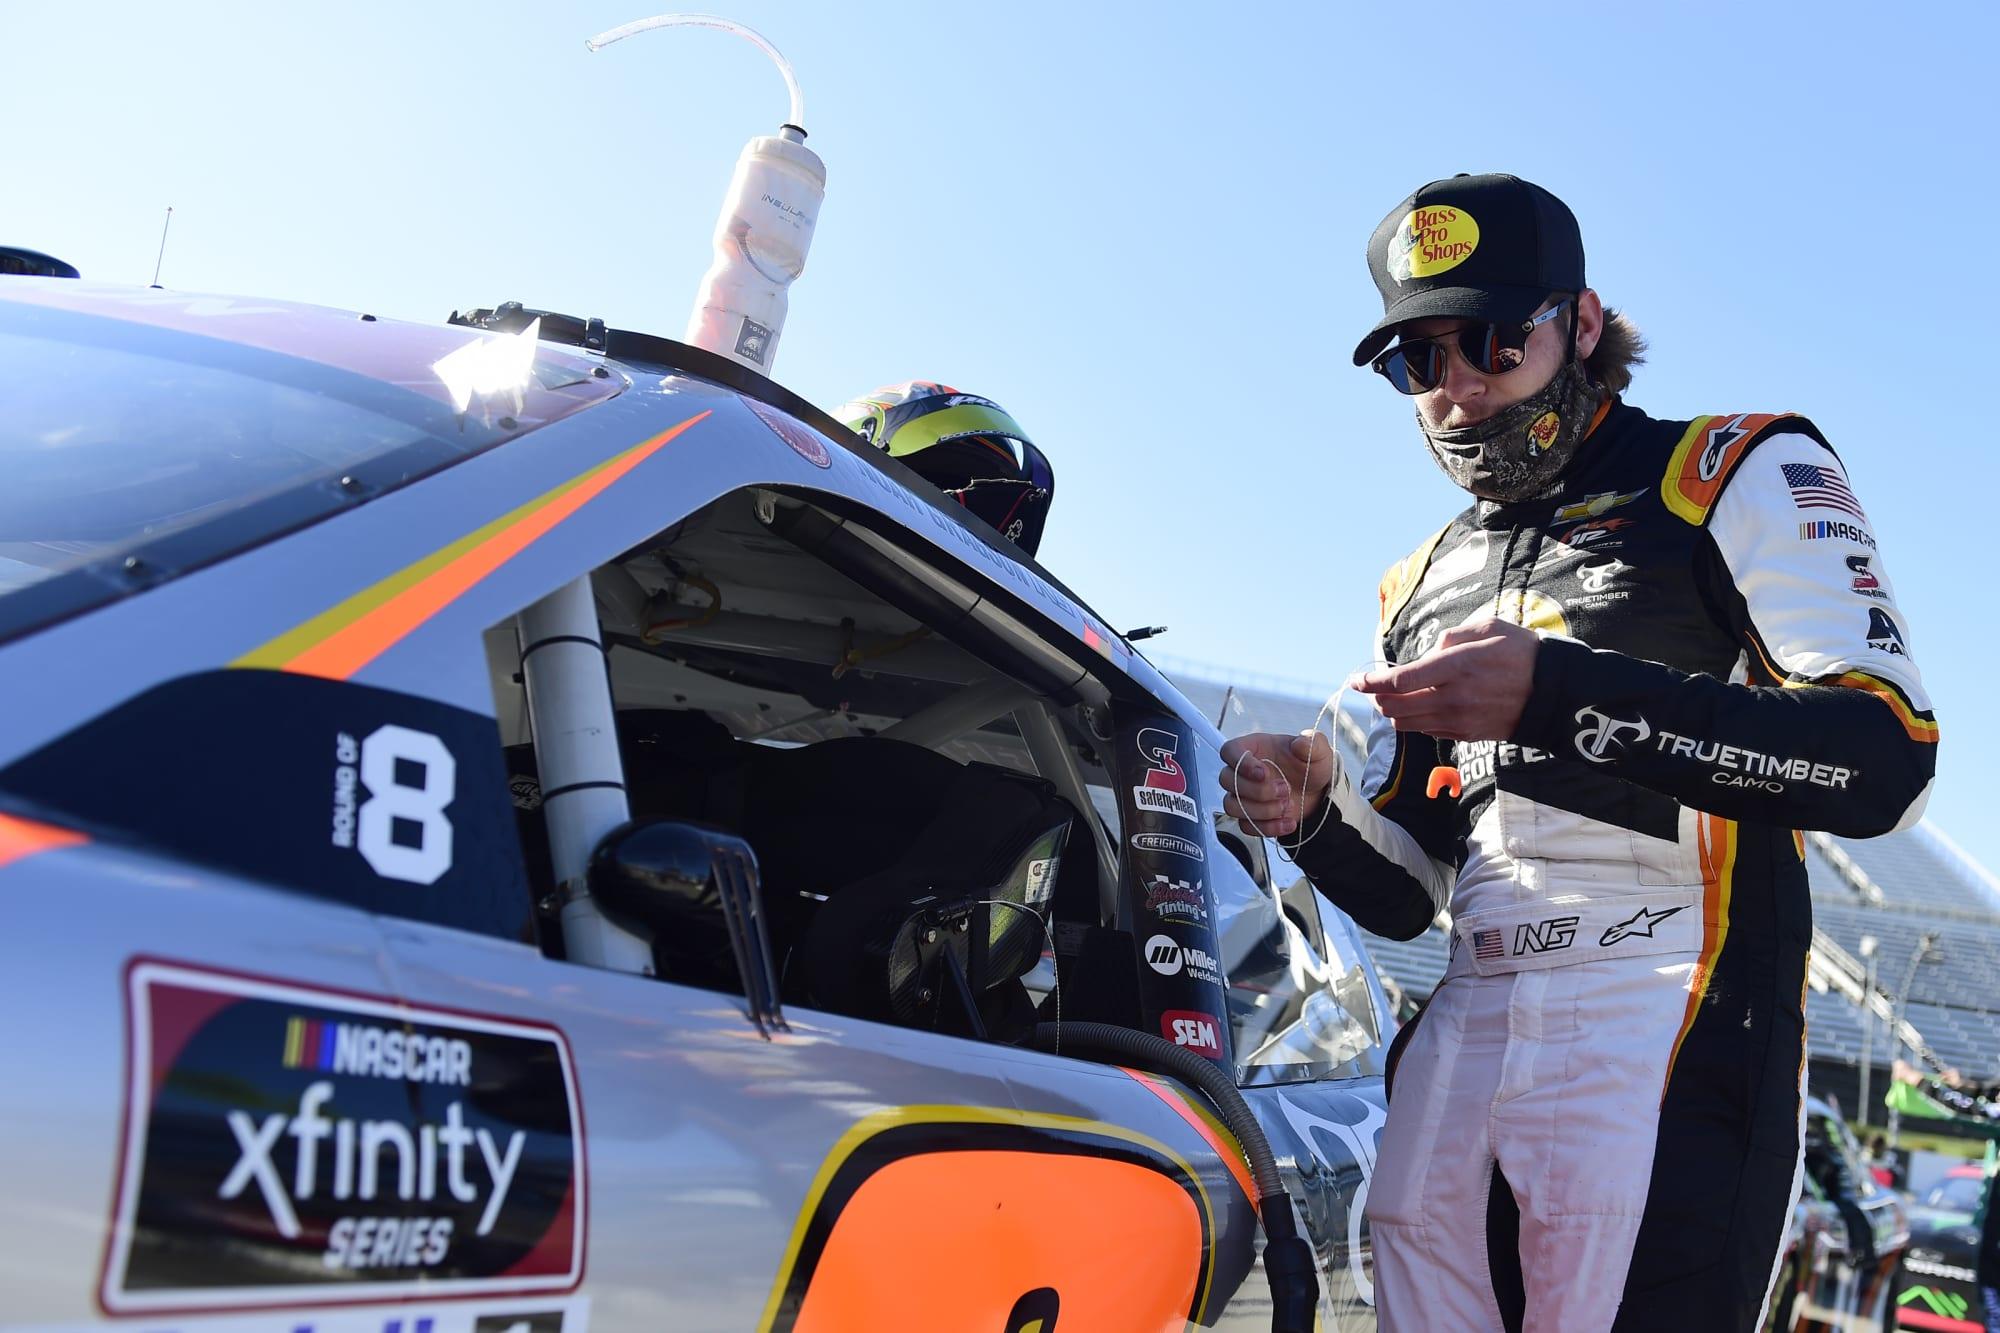 Nascar 2021 Daytona 500 Entry List Continues To Grow